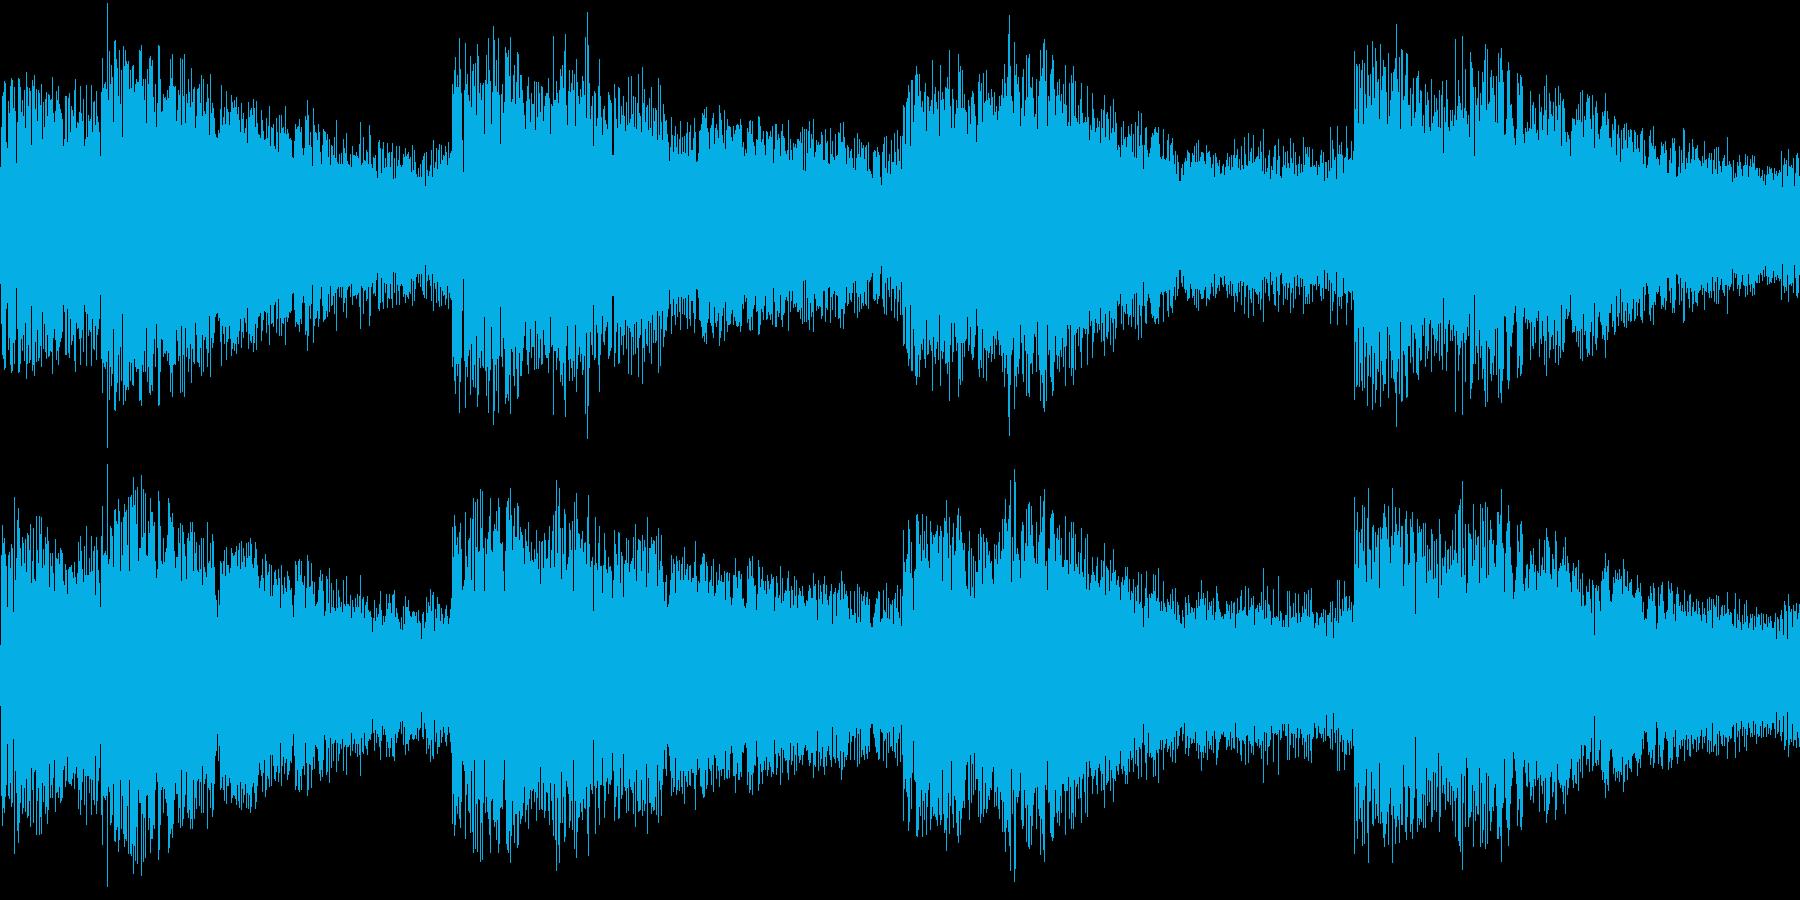 シンセ サイレン アナログ ピコピコ02の再生済みの波形